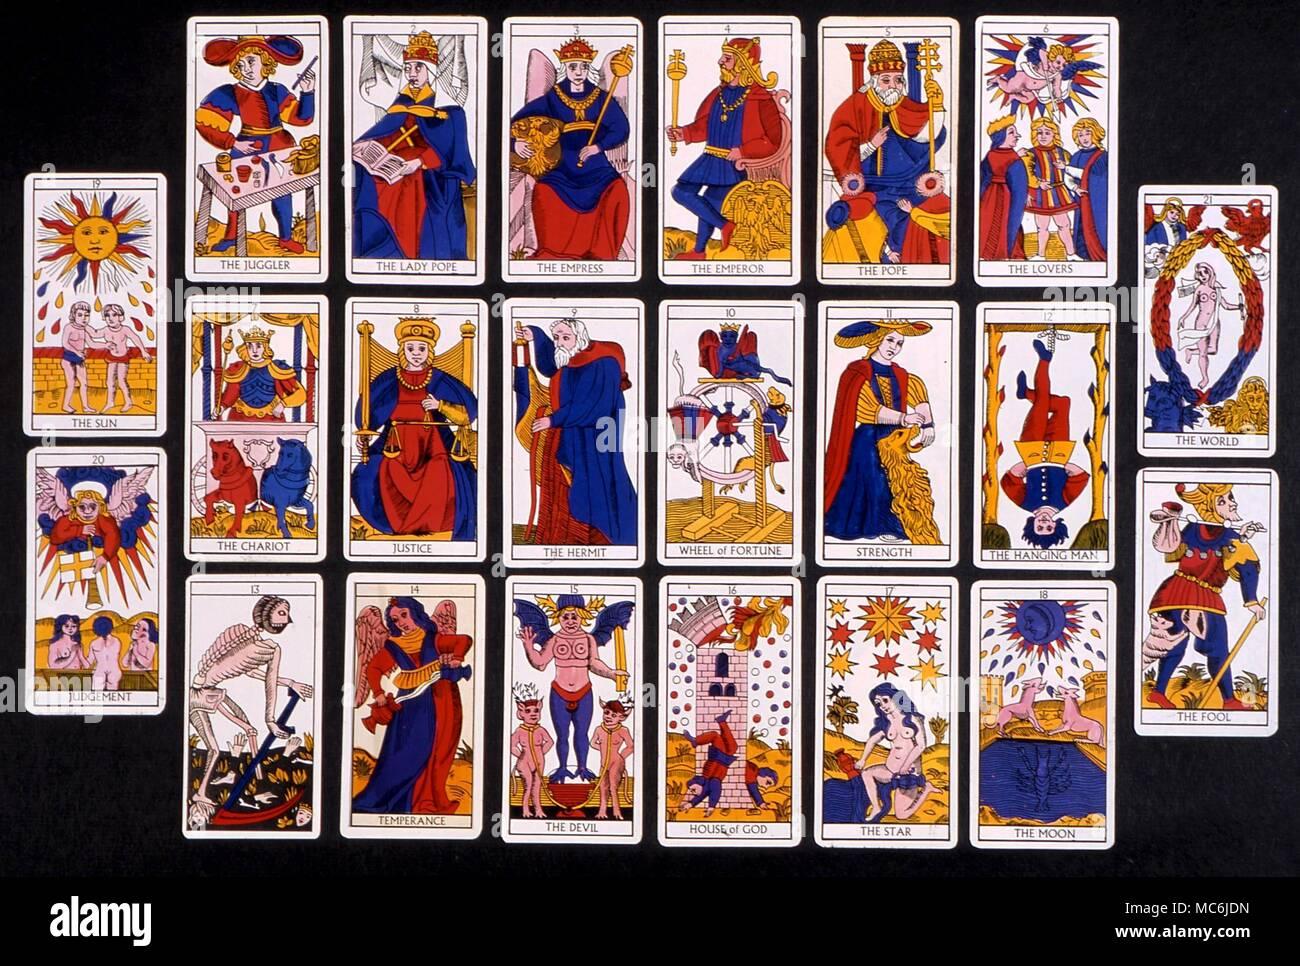 carte tarot de marseille TAROT   MARSEILLES DECK. The 22 major atout, or picture cards, of